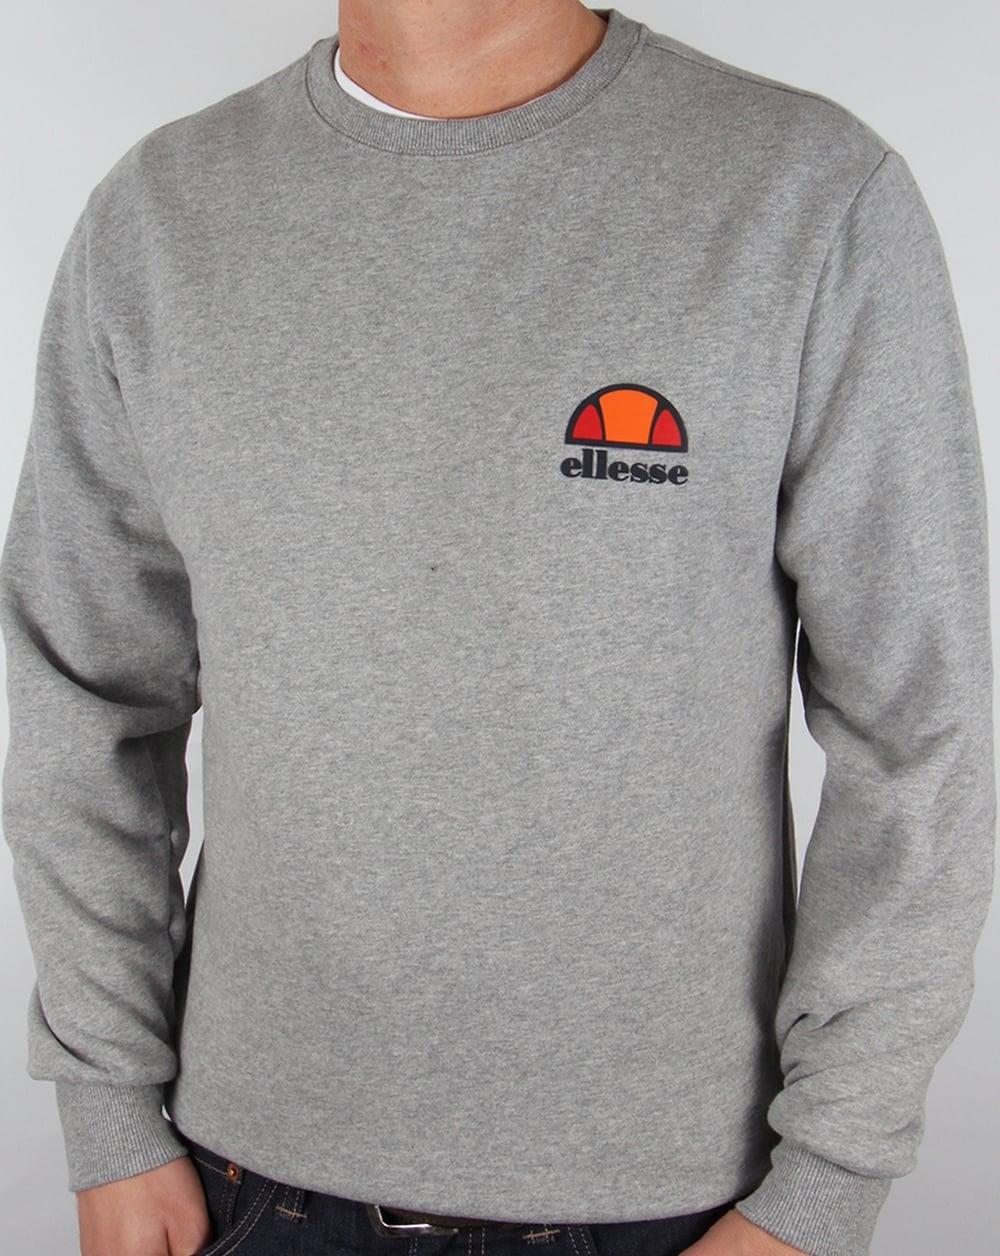 16a849eb4b Ellesse Sweatshirt Athletic Grey